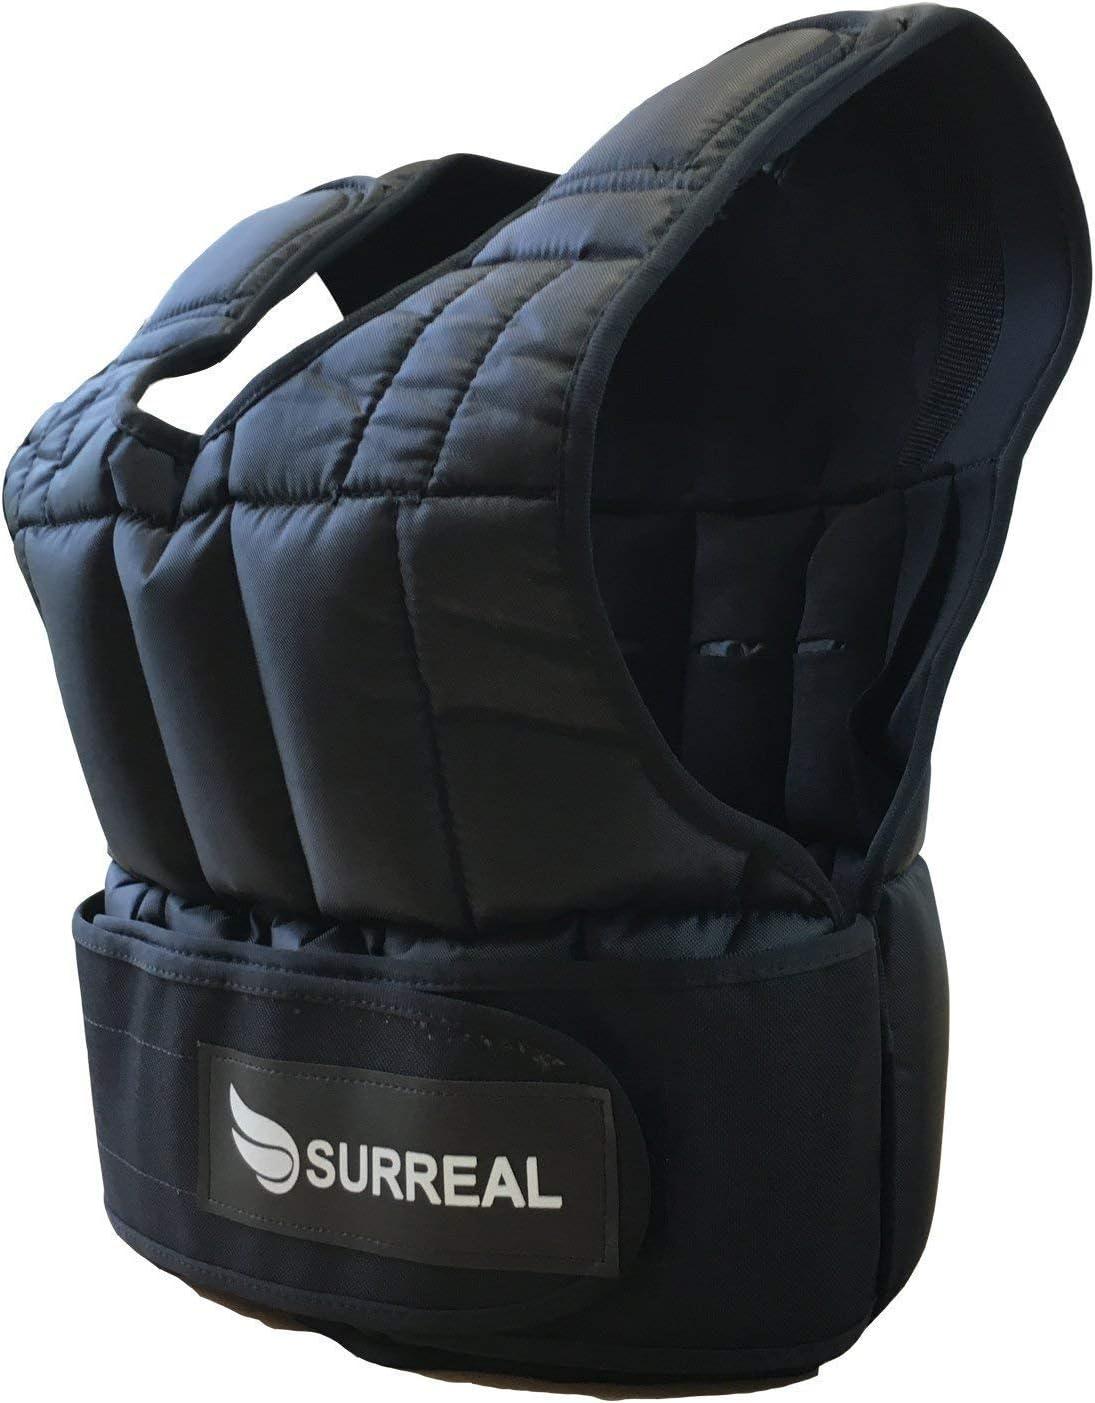 zum Gewichtsverlust//Fitnesstraining Surreal Gewichtsweste verstellbar erh/ältliches Gewicht:25 kg